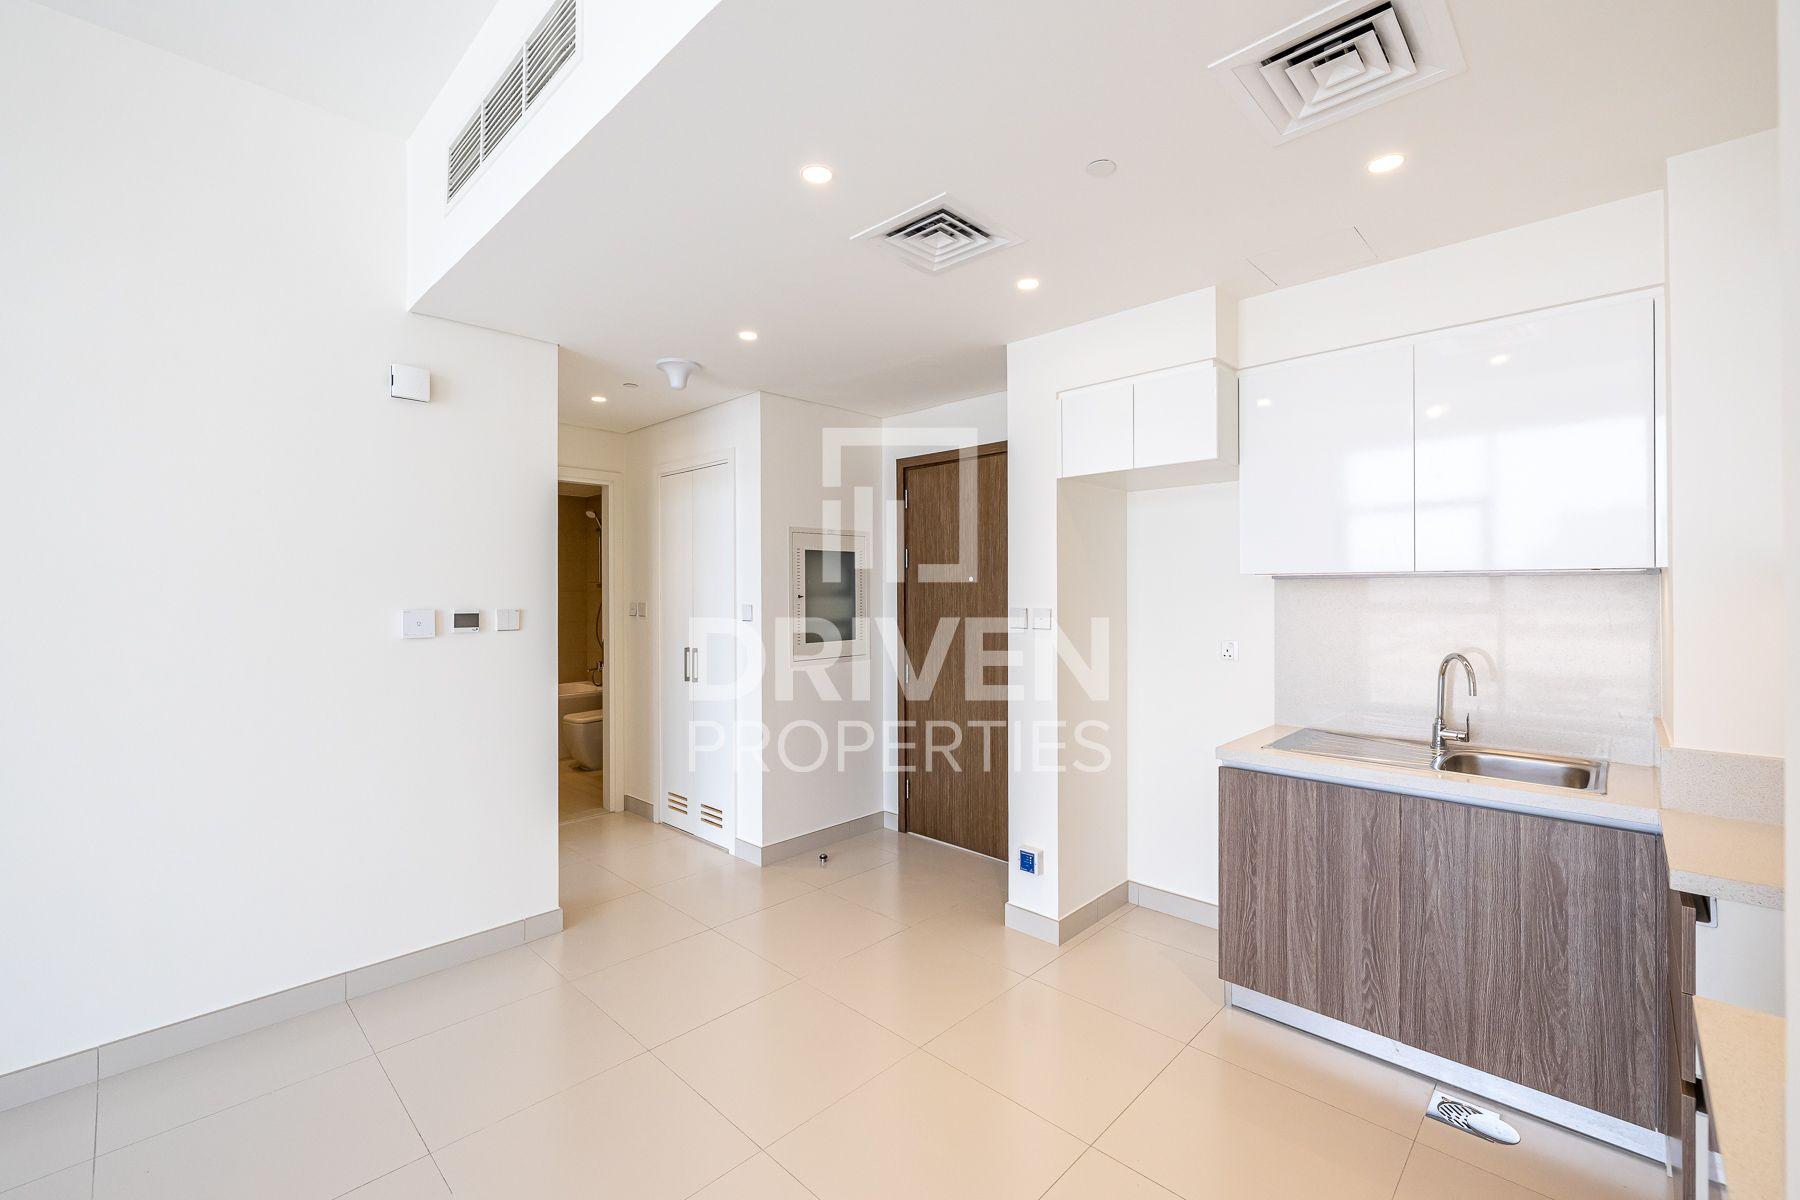 Apartment for Sale in Park Point - Dubai Hills Estate